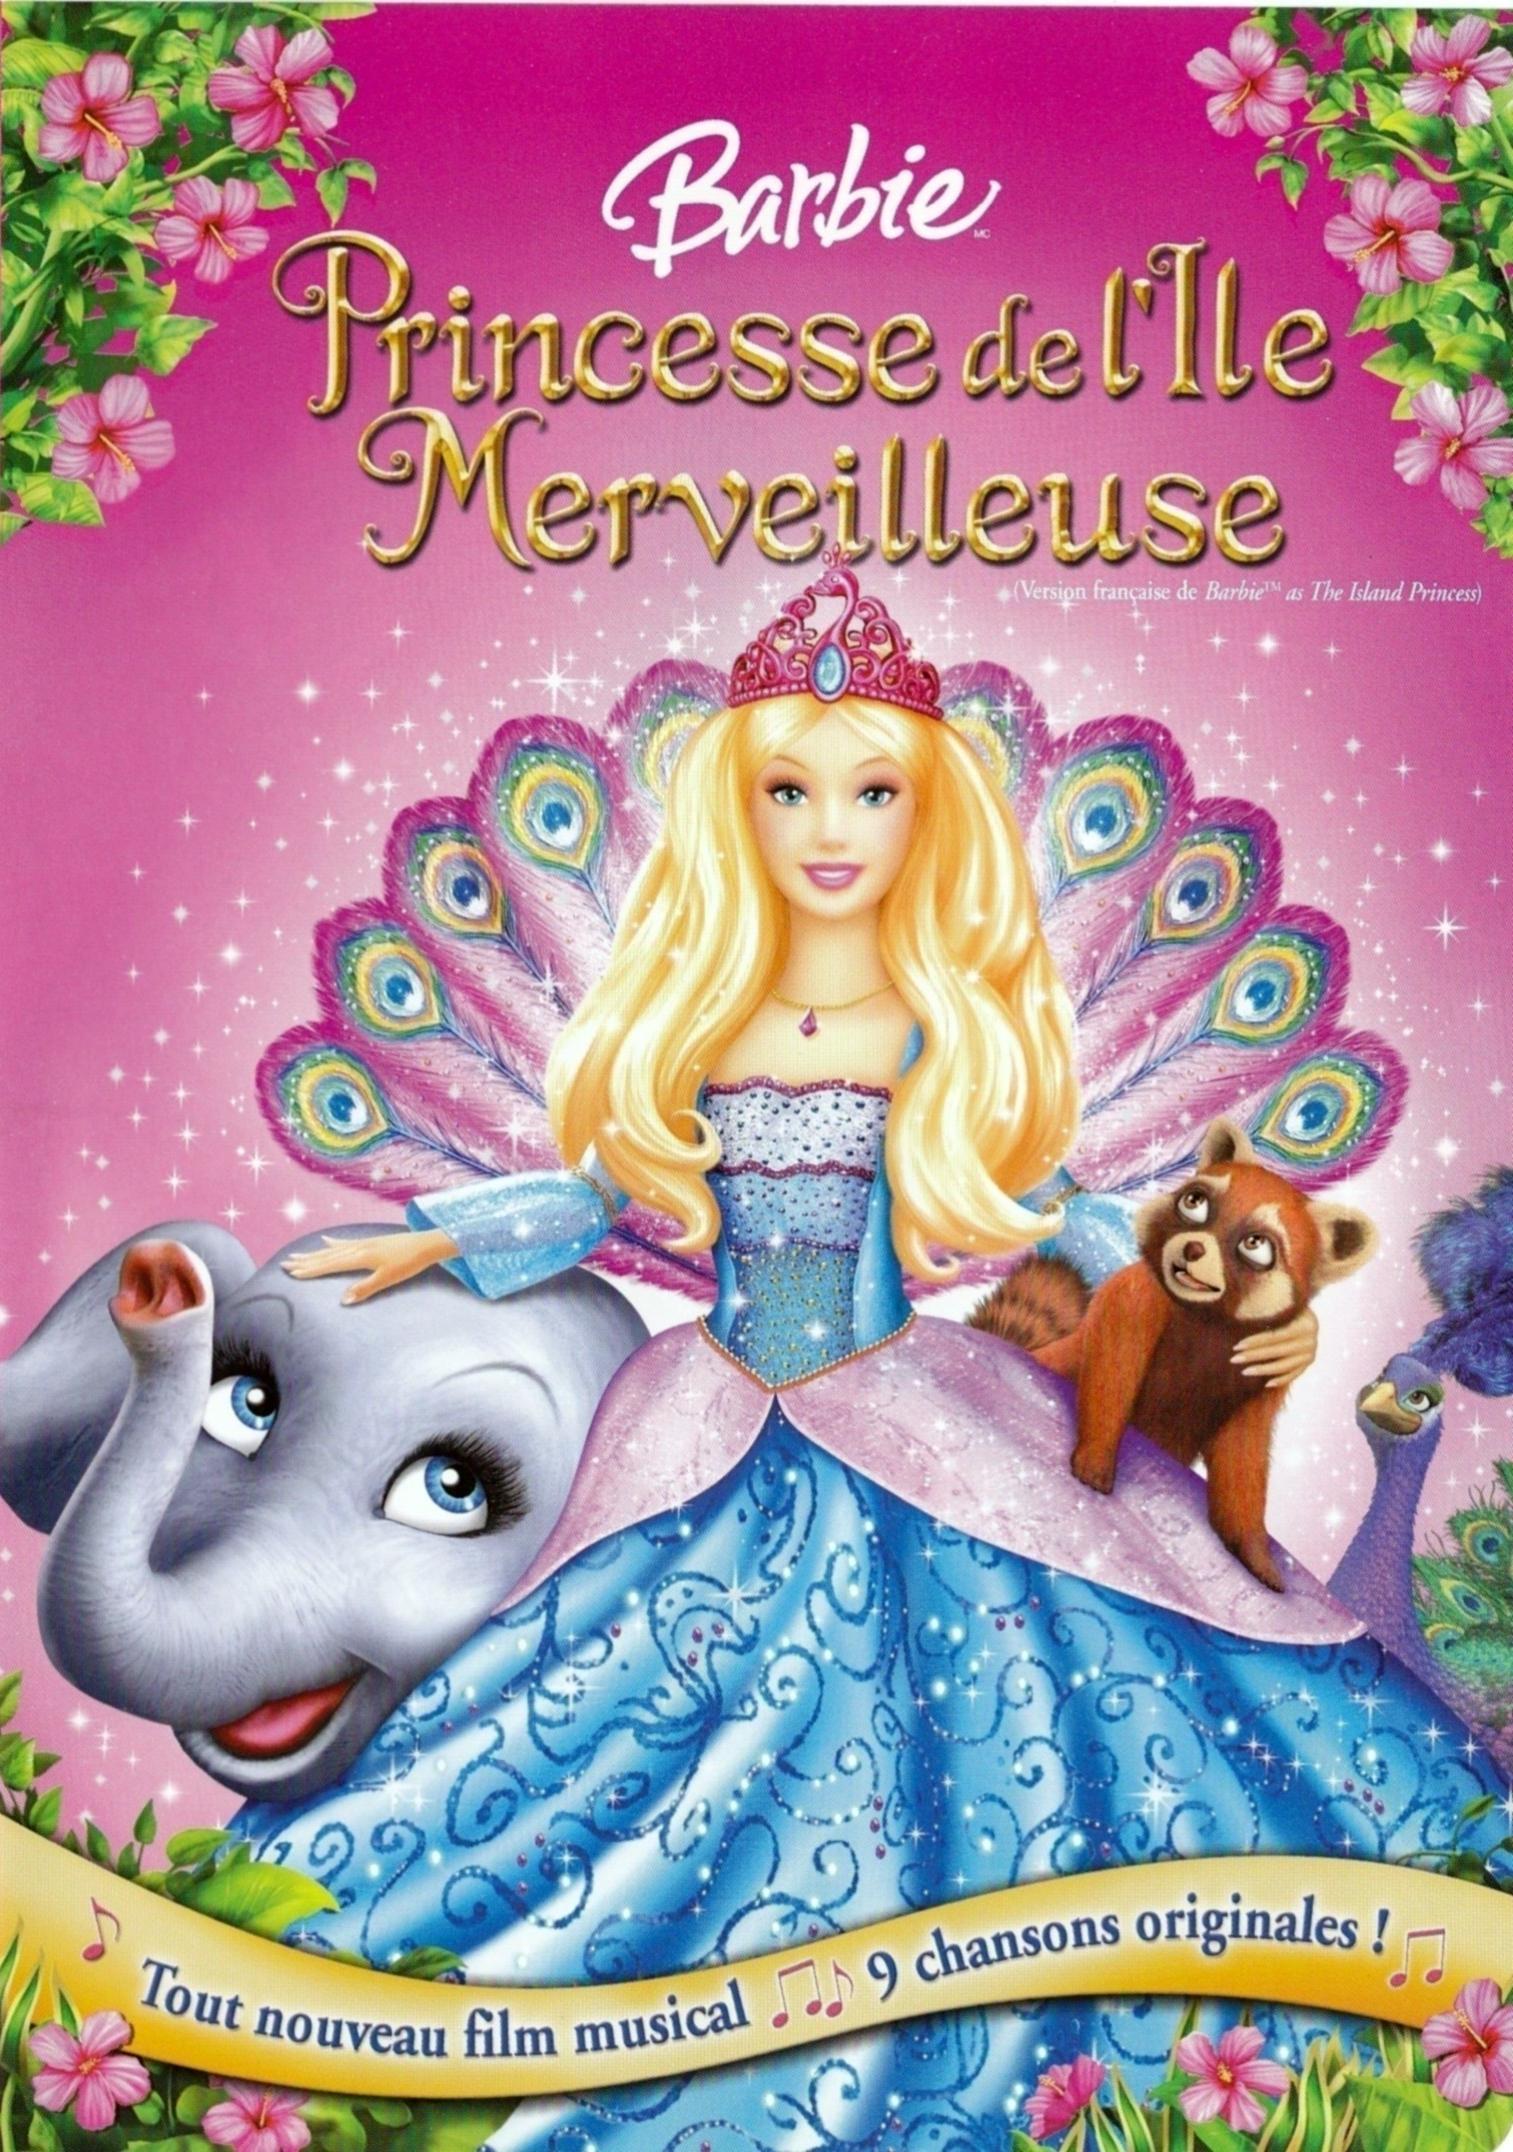 Barbie princesse de l 39 le merveilleuse barbiep dia - Desanime de barbie princesse ...